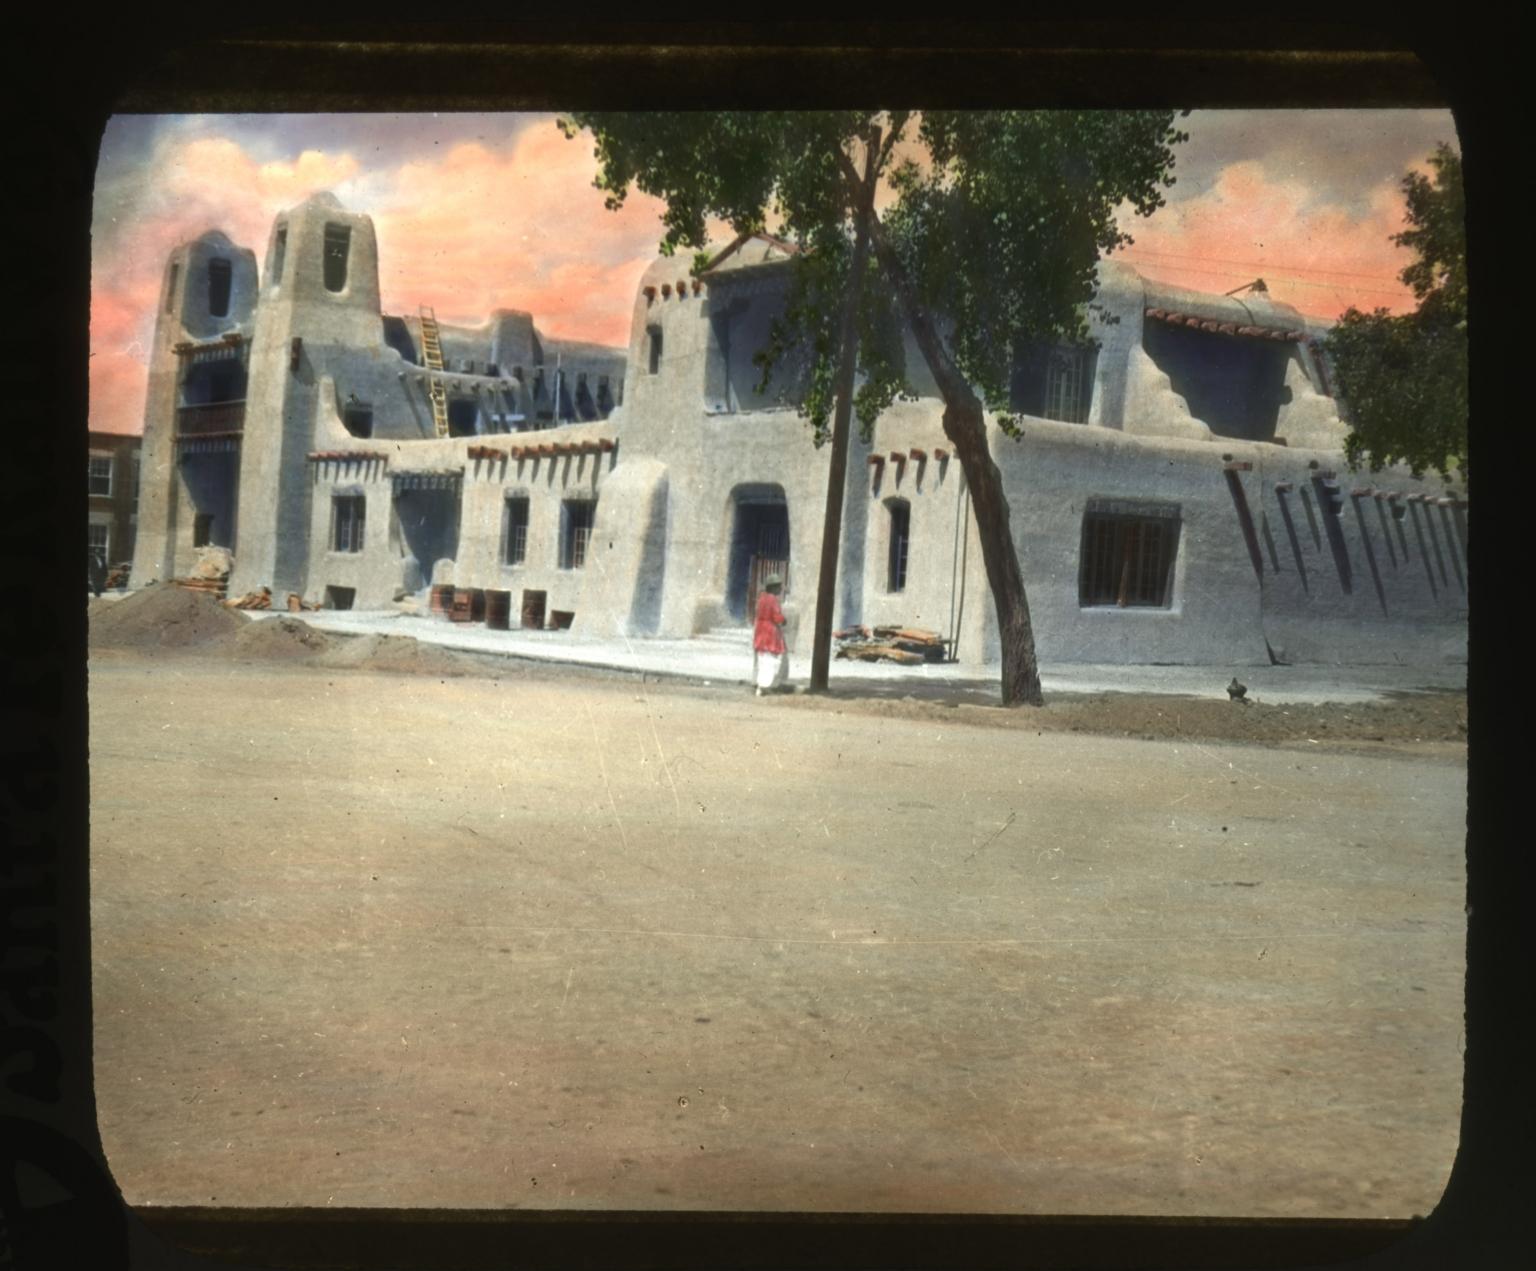 Museum in Santa Fe